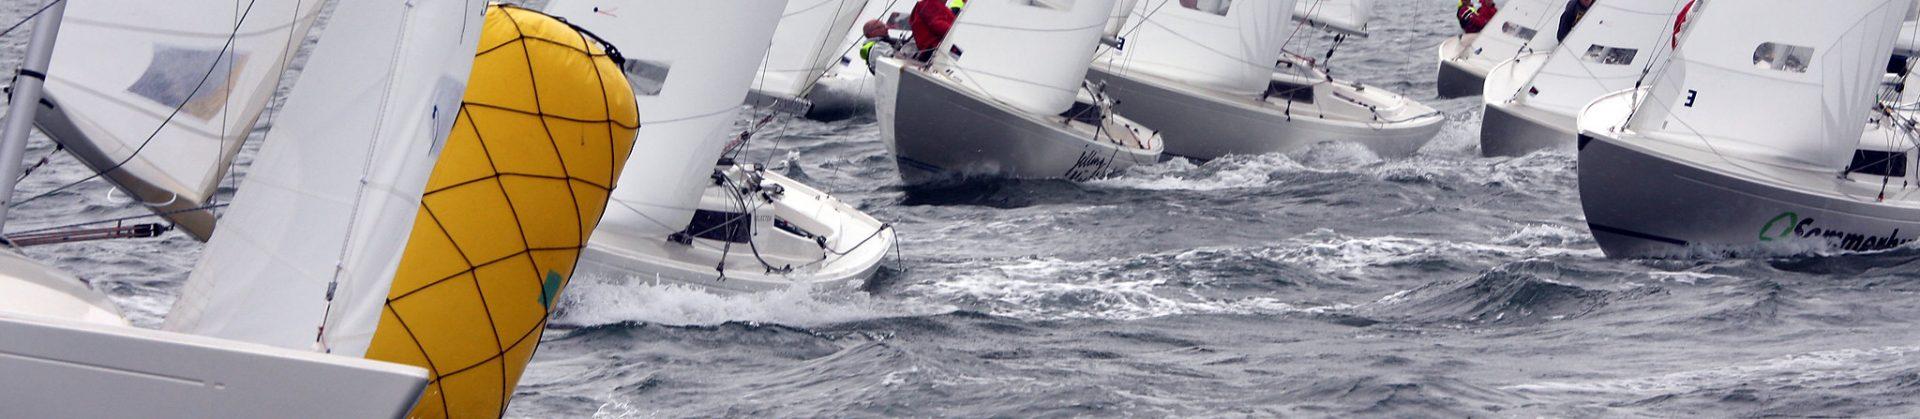 VM i H-båd.  og om 3 vindere uden mast